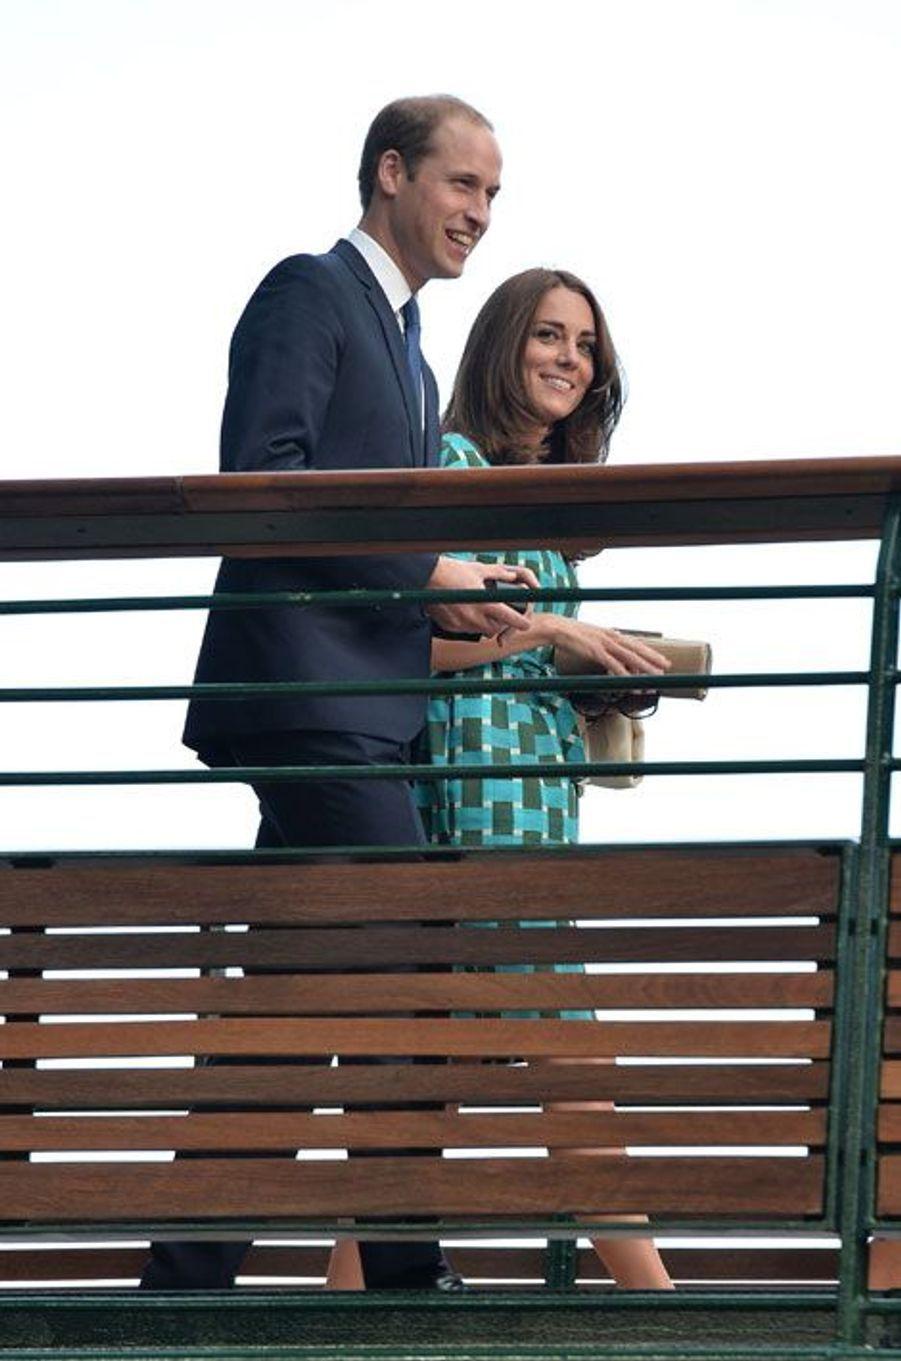 Fini le cyclisme pour le couple princier, place à Wimbledon, dimanche, pour la finale homme opposant Novak Djokovic à Roger Federer.